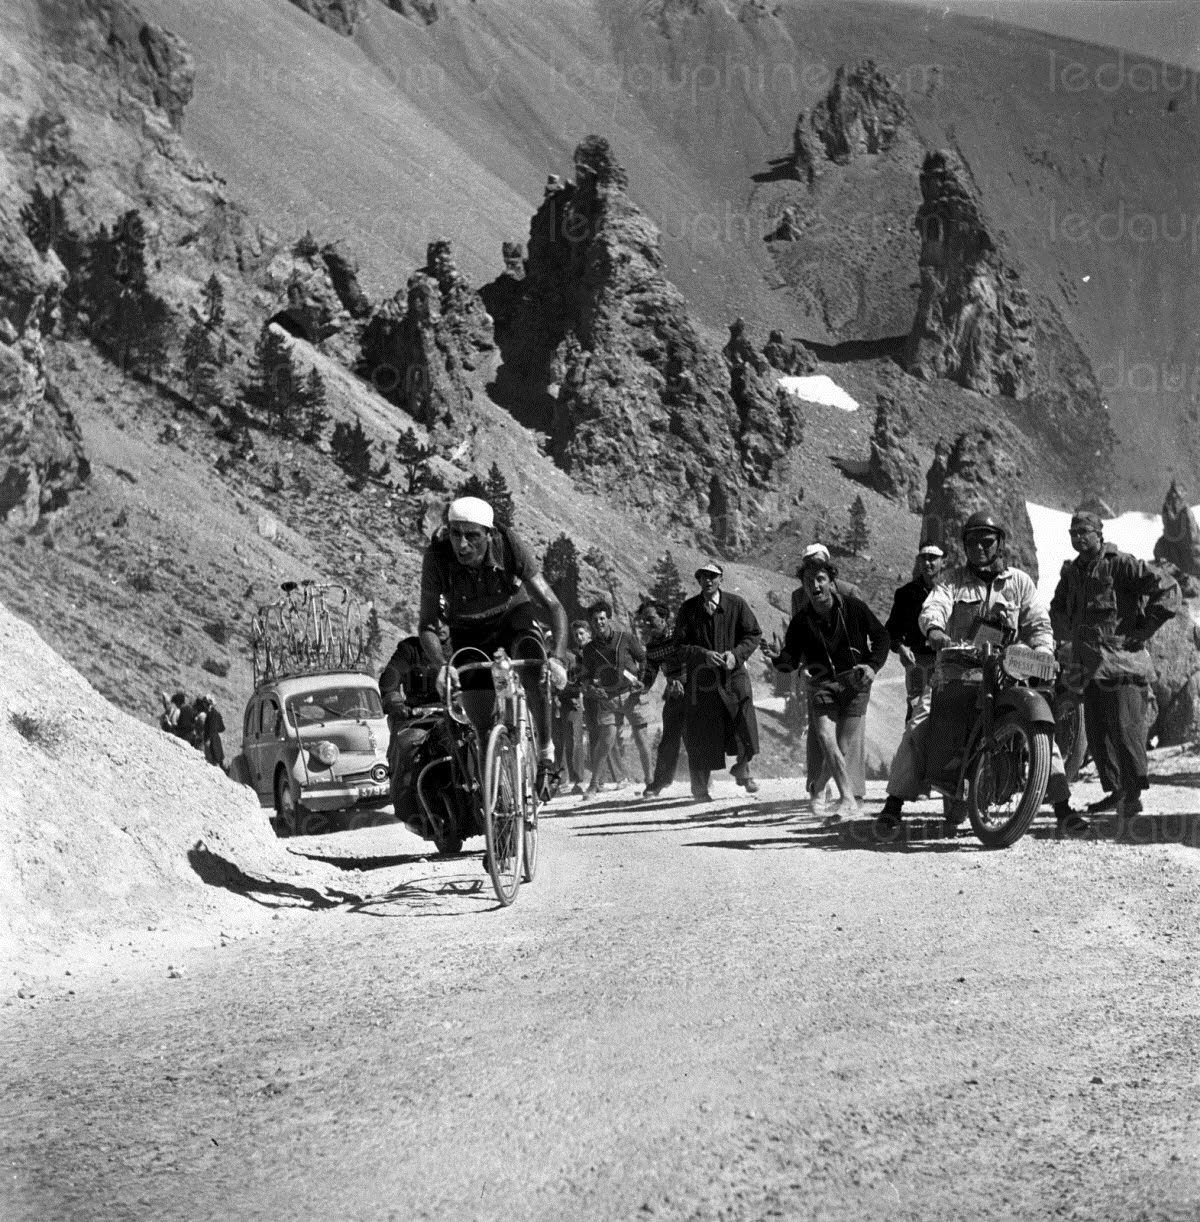 Tour de France 1951. 20^Tappa, 25 luglio. Gap > Briançon. Col d'Izoard. Fausto Coppi (1919-1960)